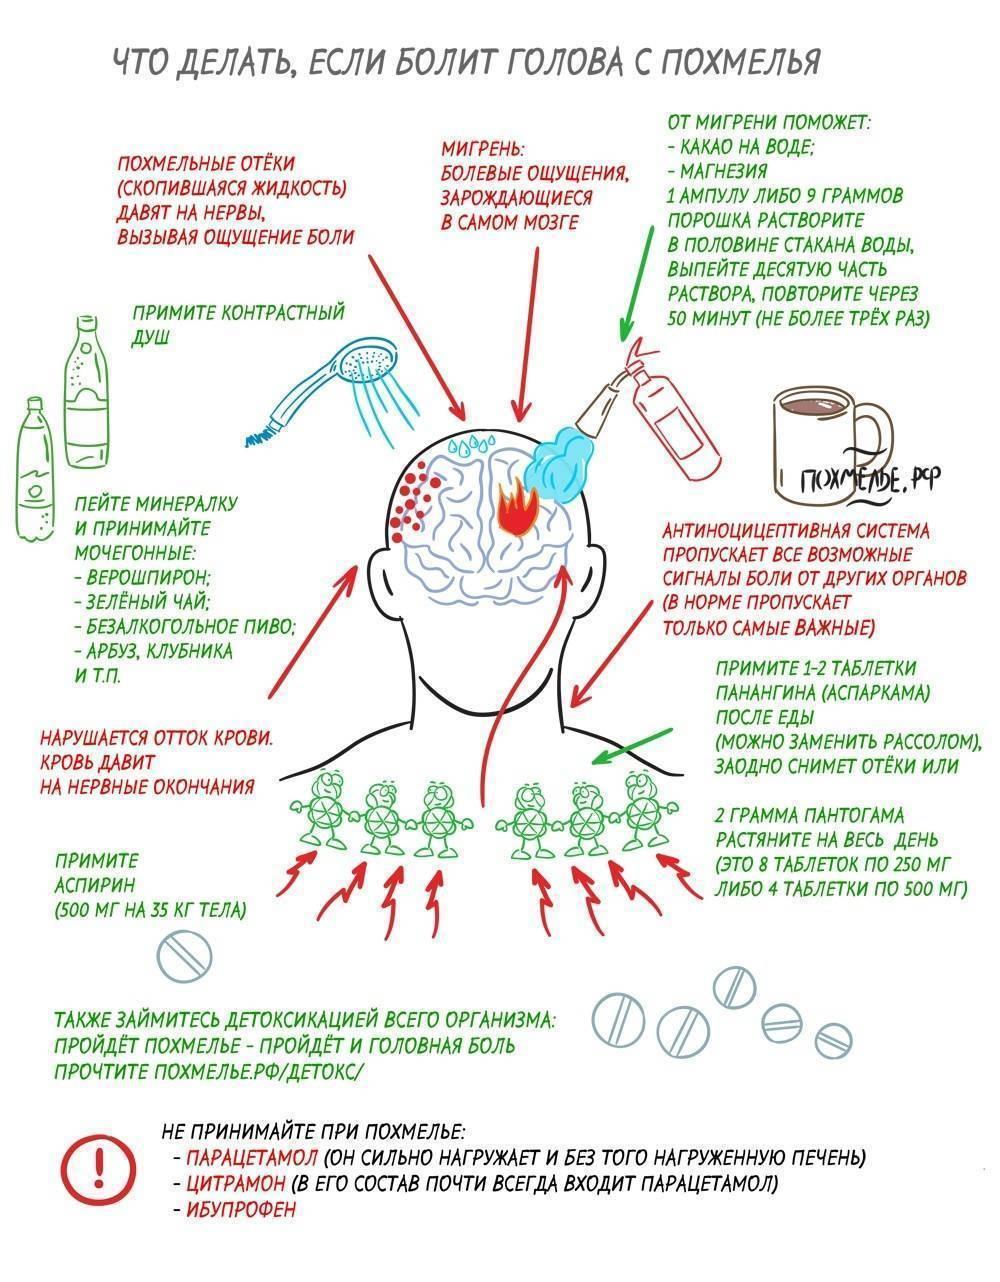 Эффективные способы избежать похмелья после алкоголя - медконсульт